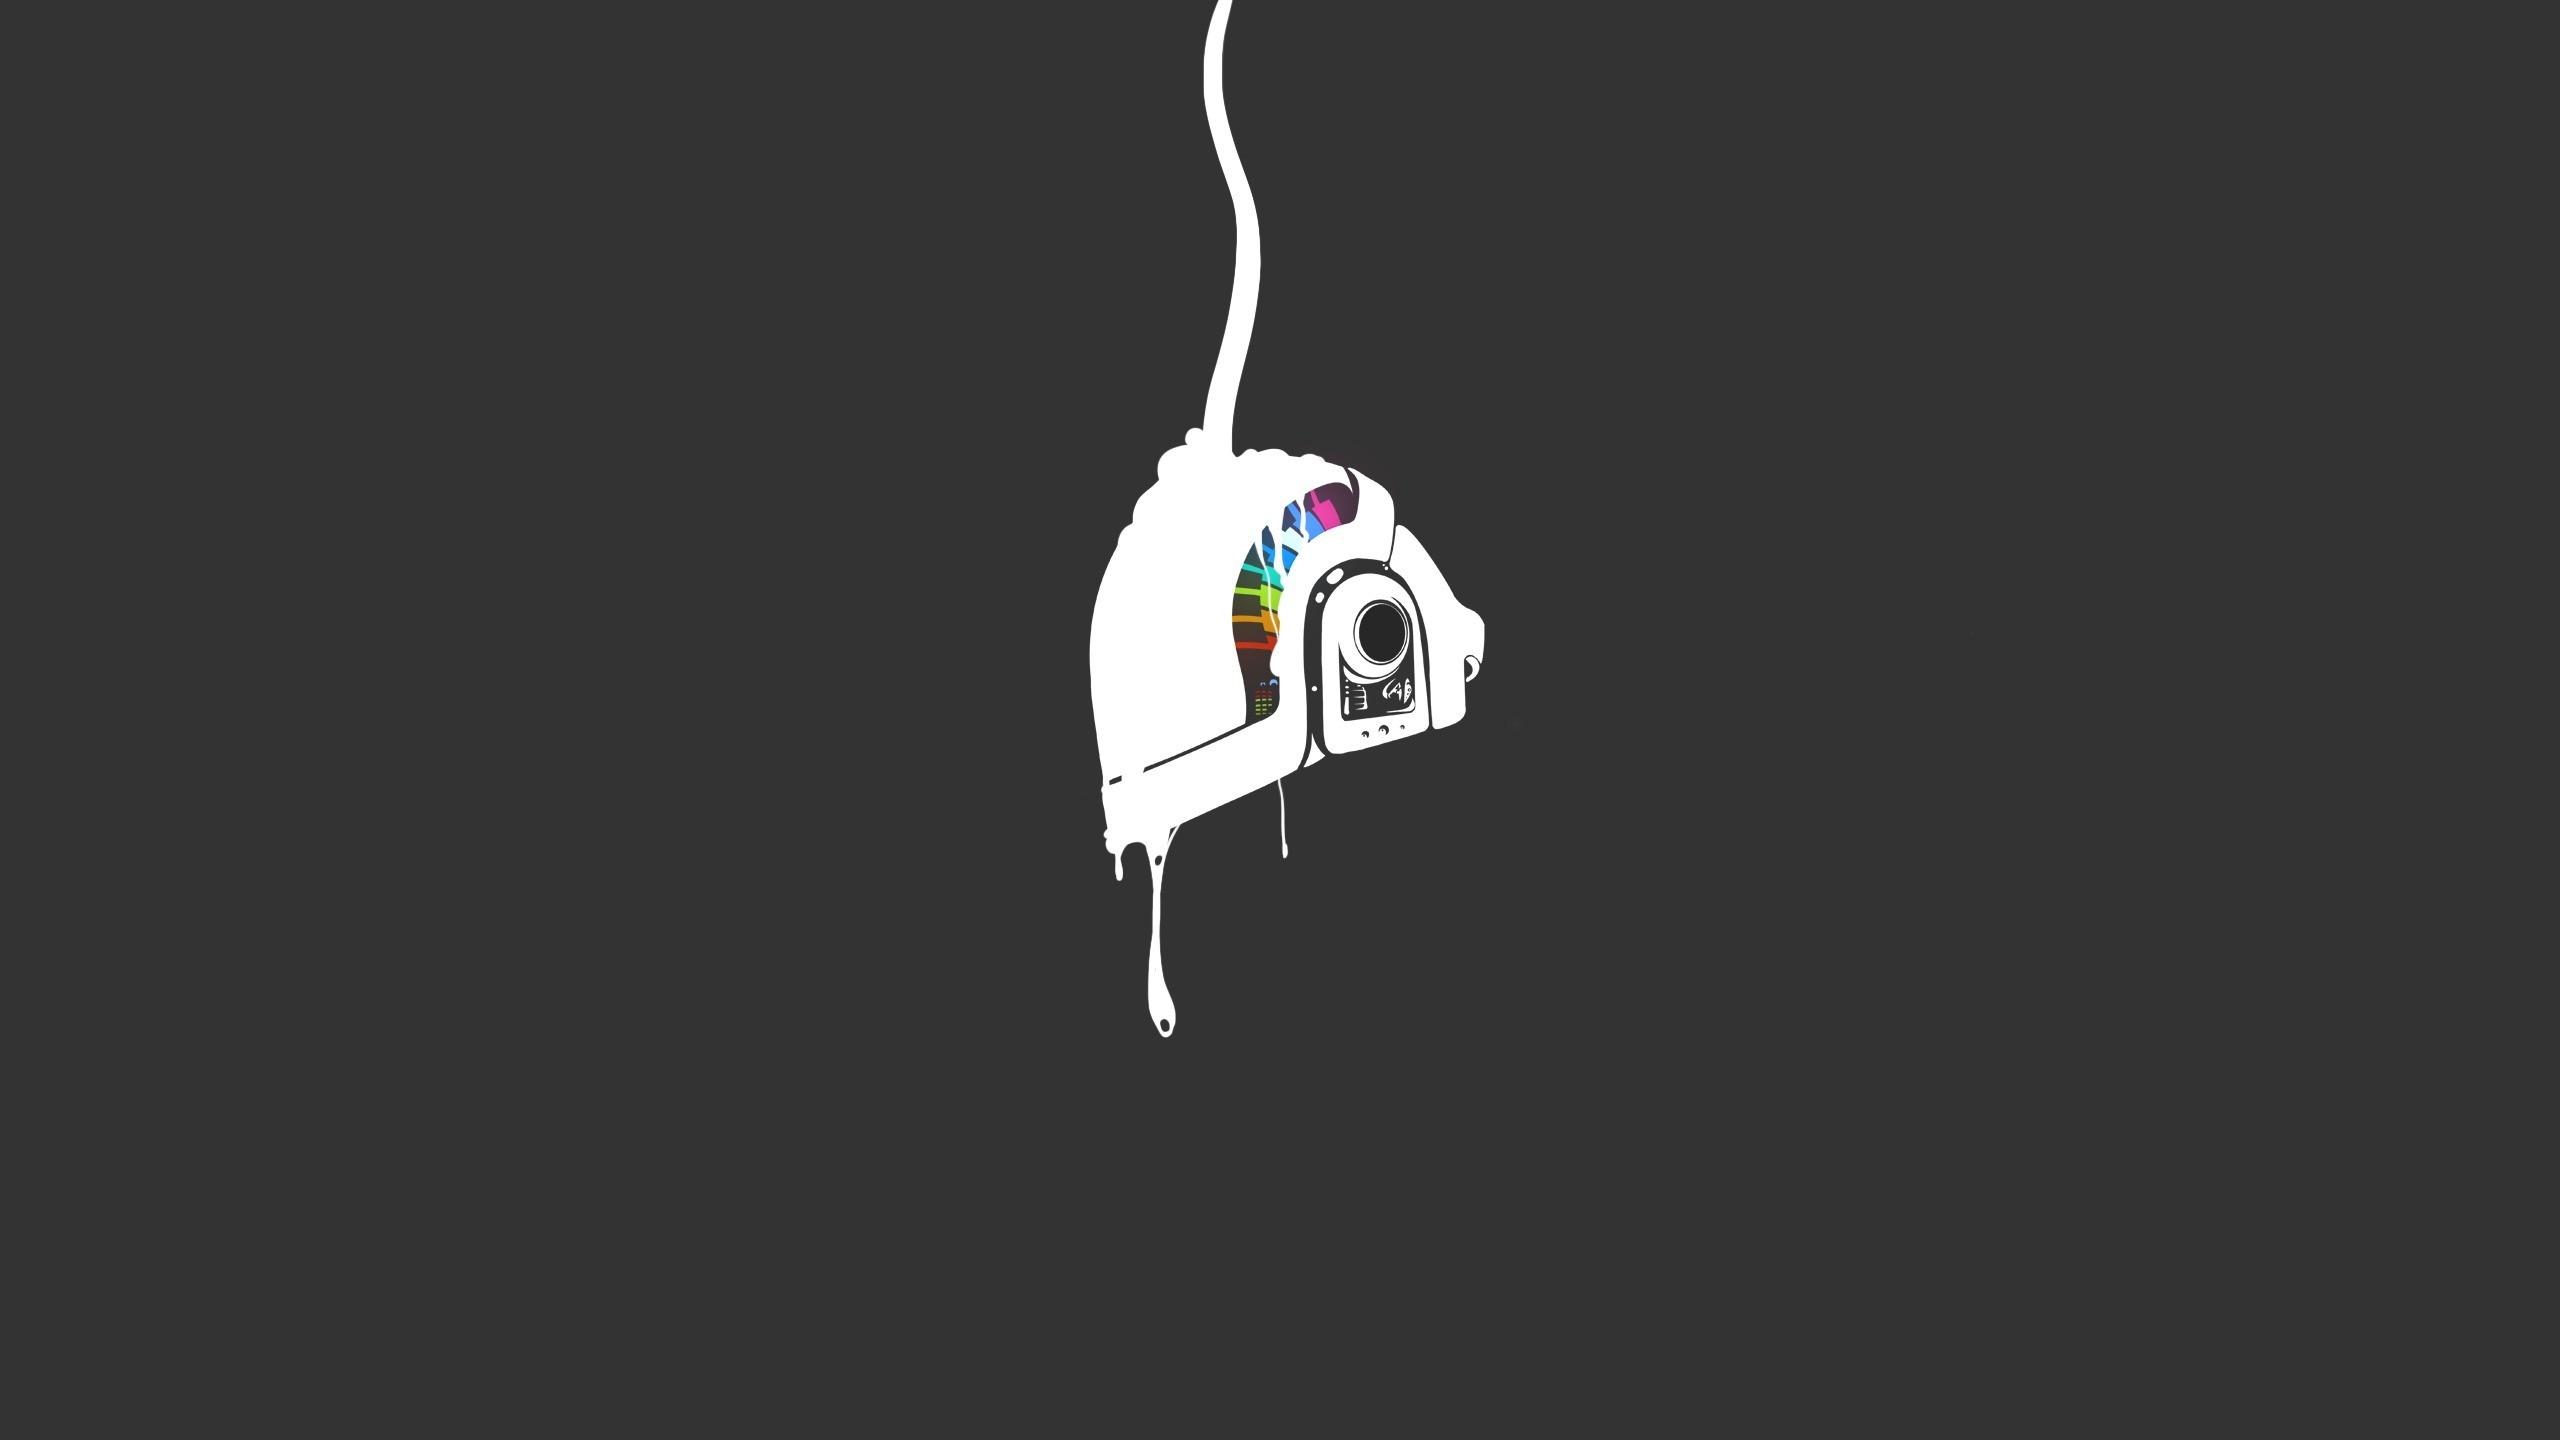 Hd wallpaper minimalist - Minimalist Daft Punk Hd Wallpaper Download Hd Wallpapers